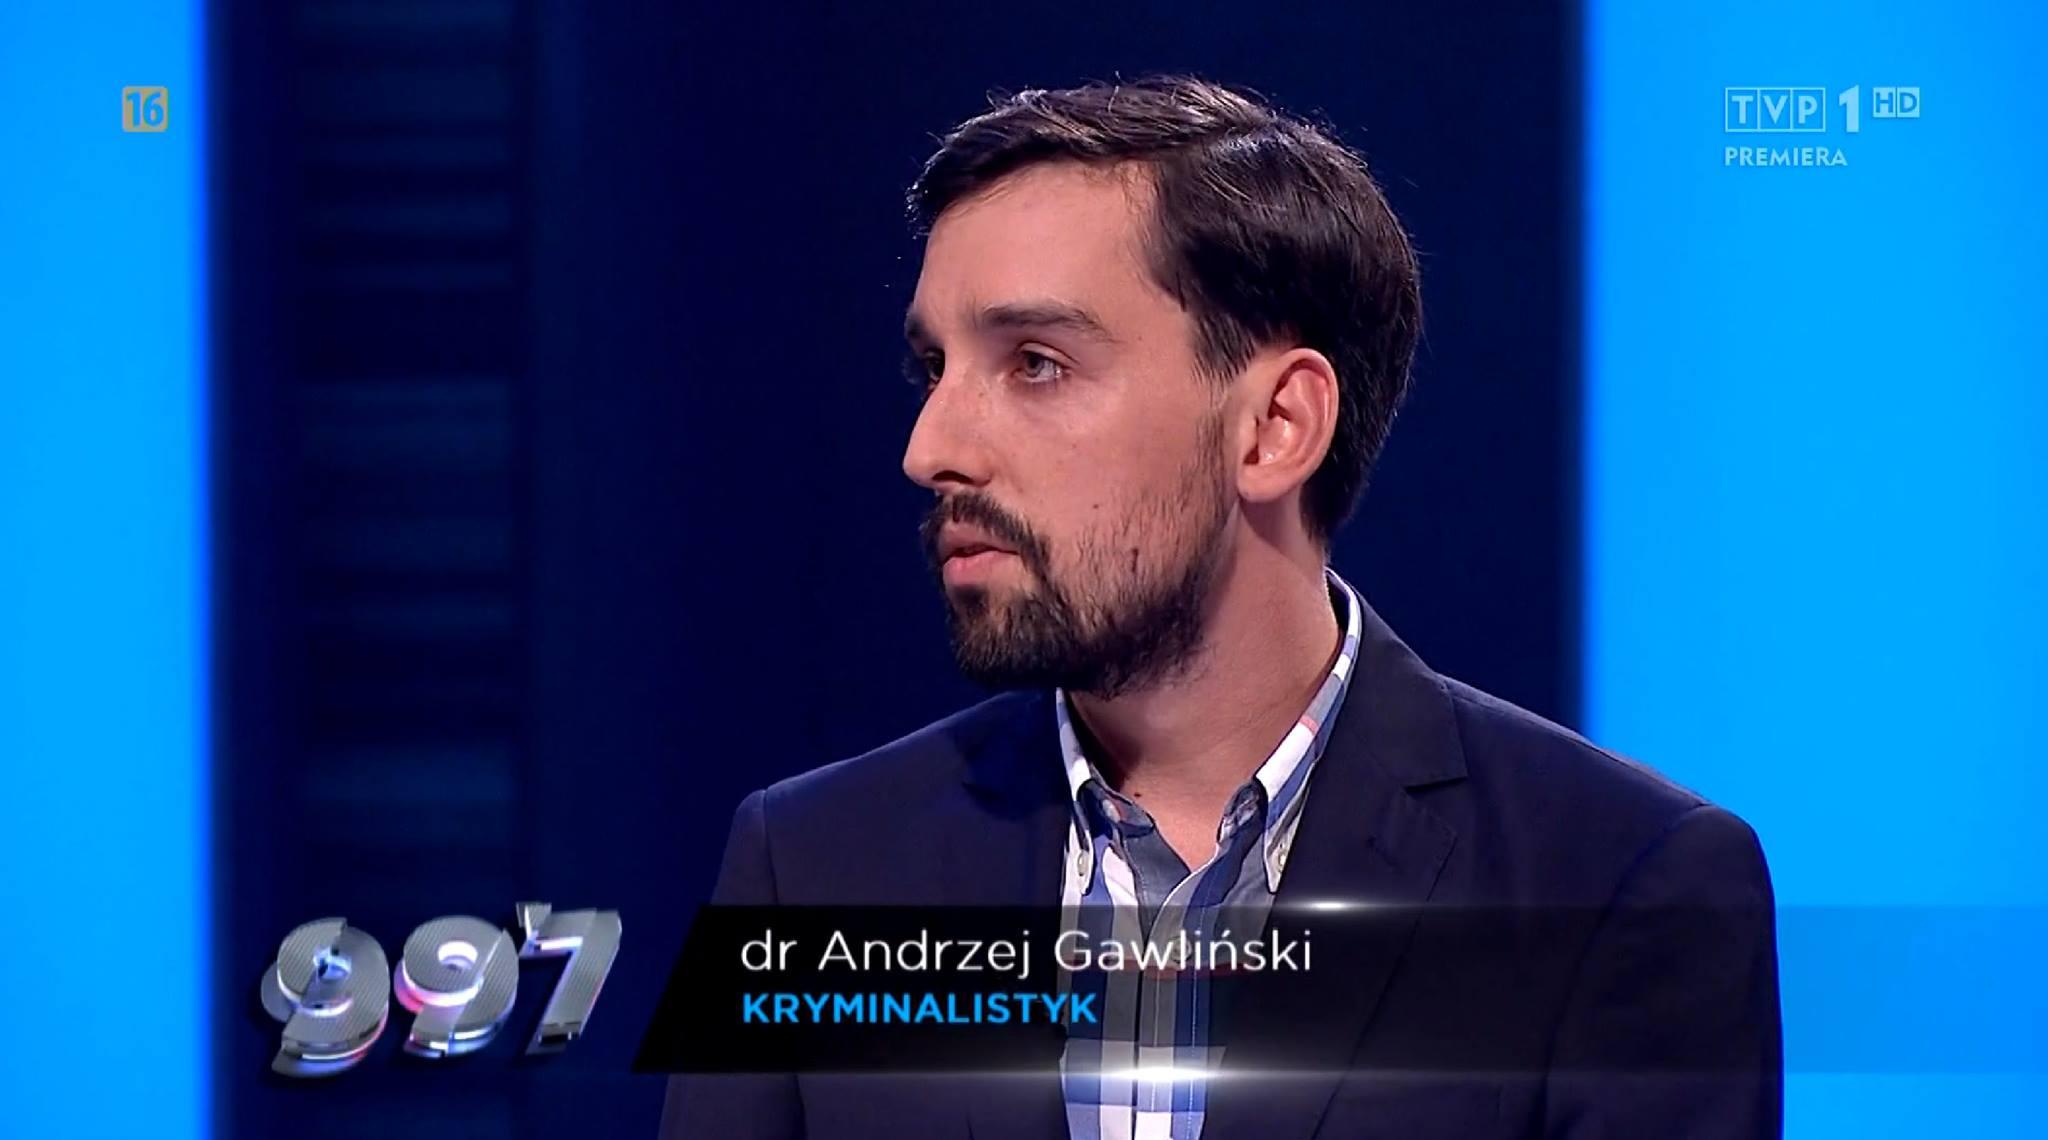 dr Andrzej Gawliński - kryminalistyk